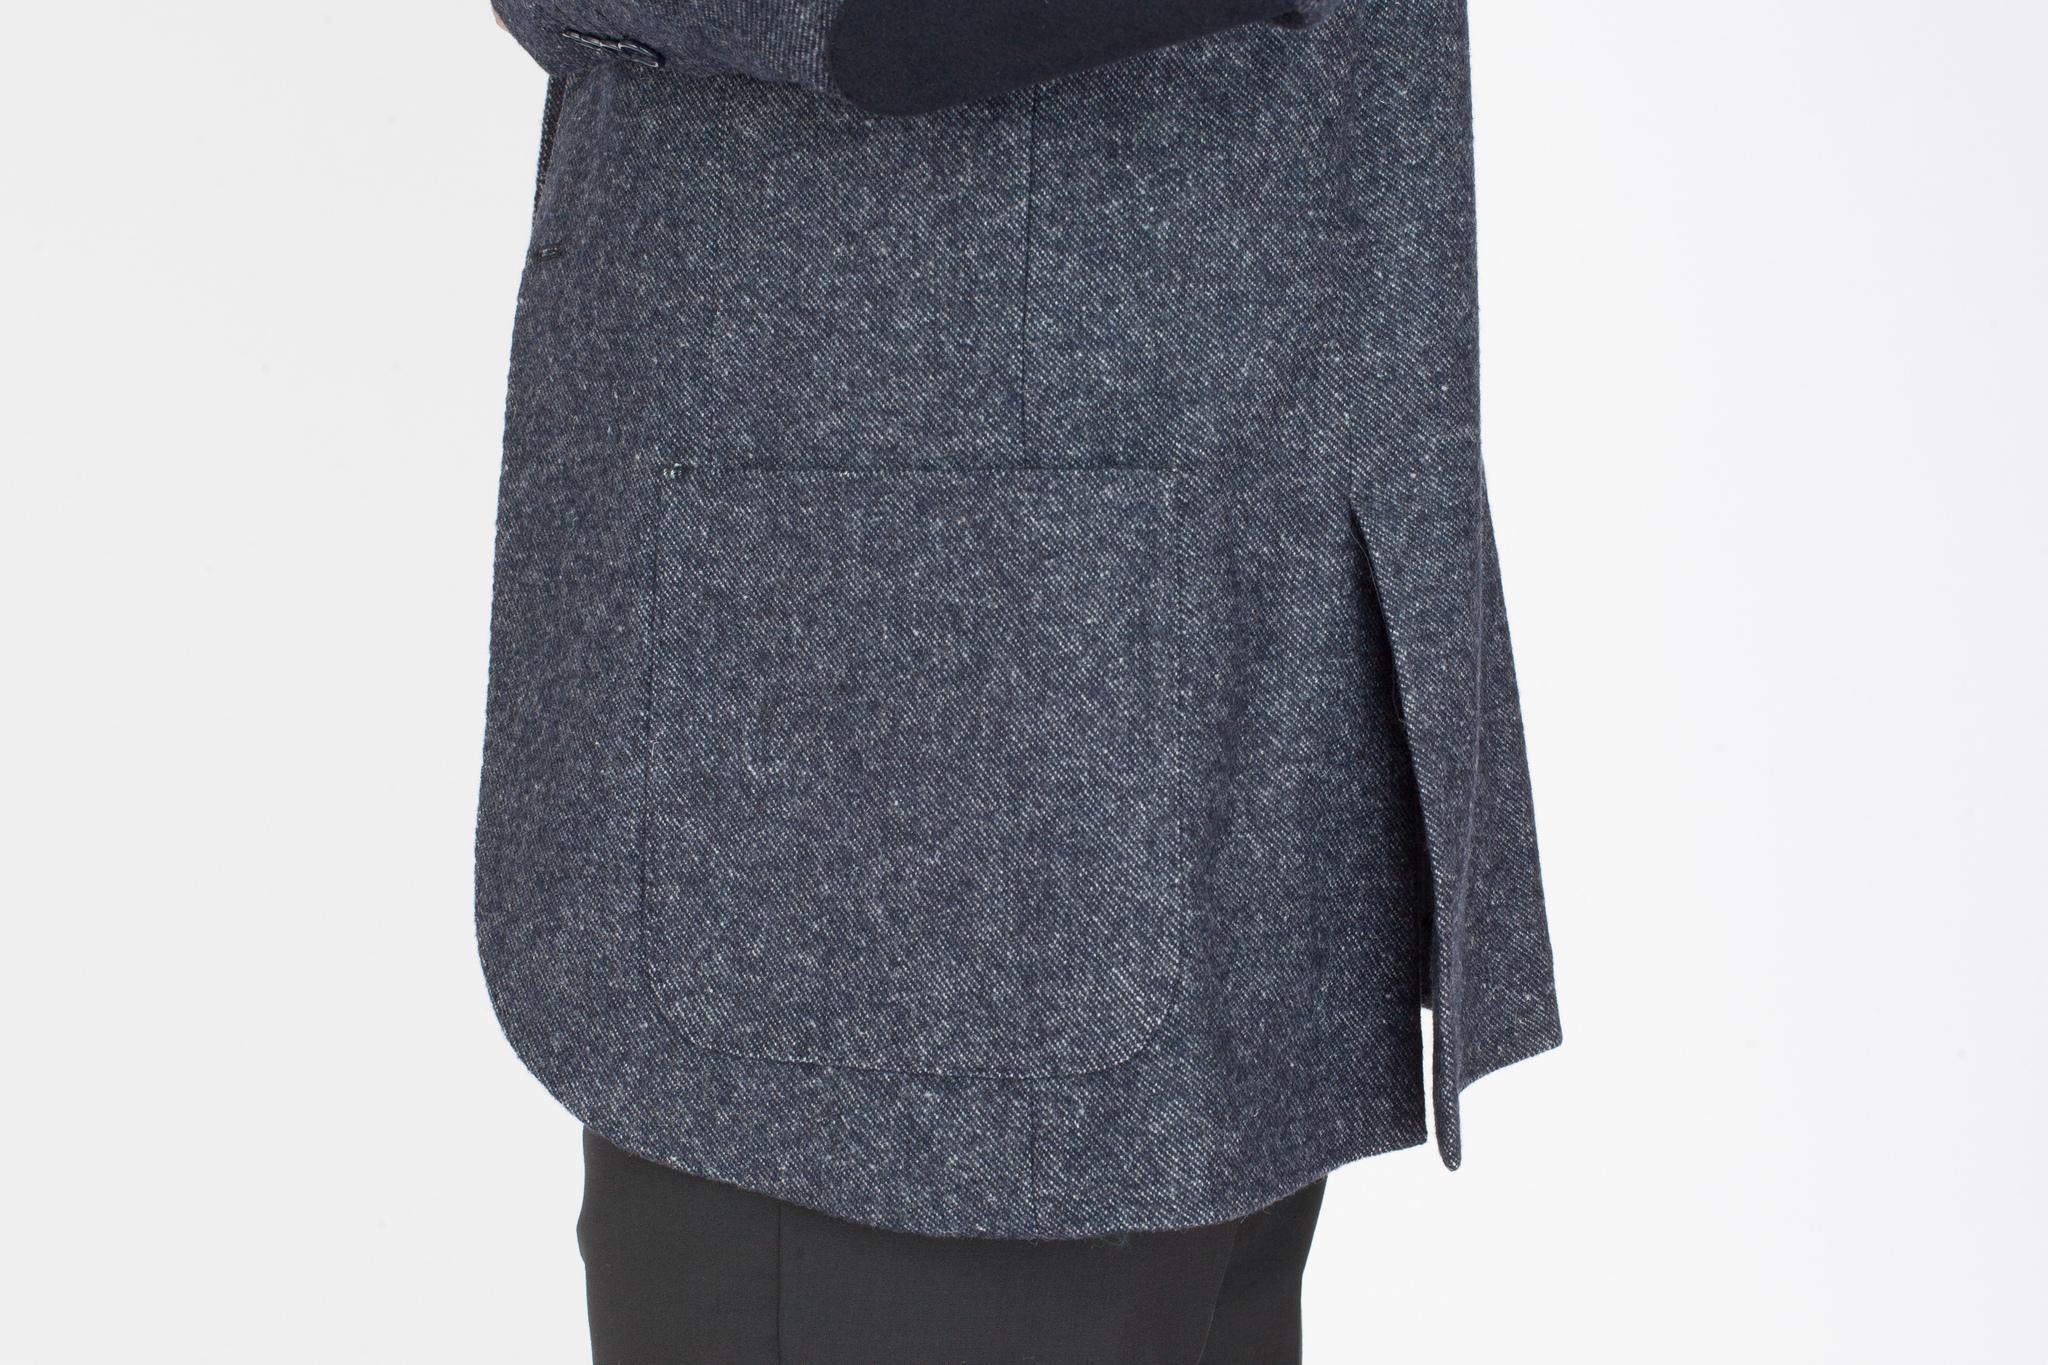 Сине-серый пиджак «в рубчик» из шерсти и хлопка, накладной карман